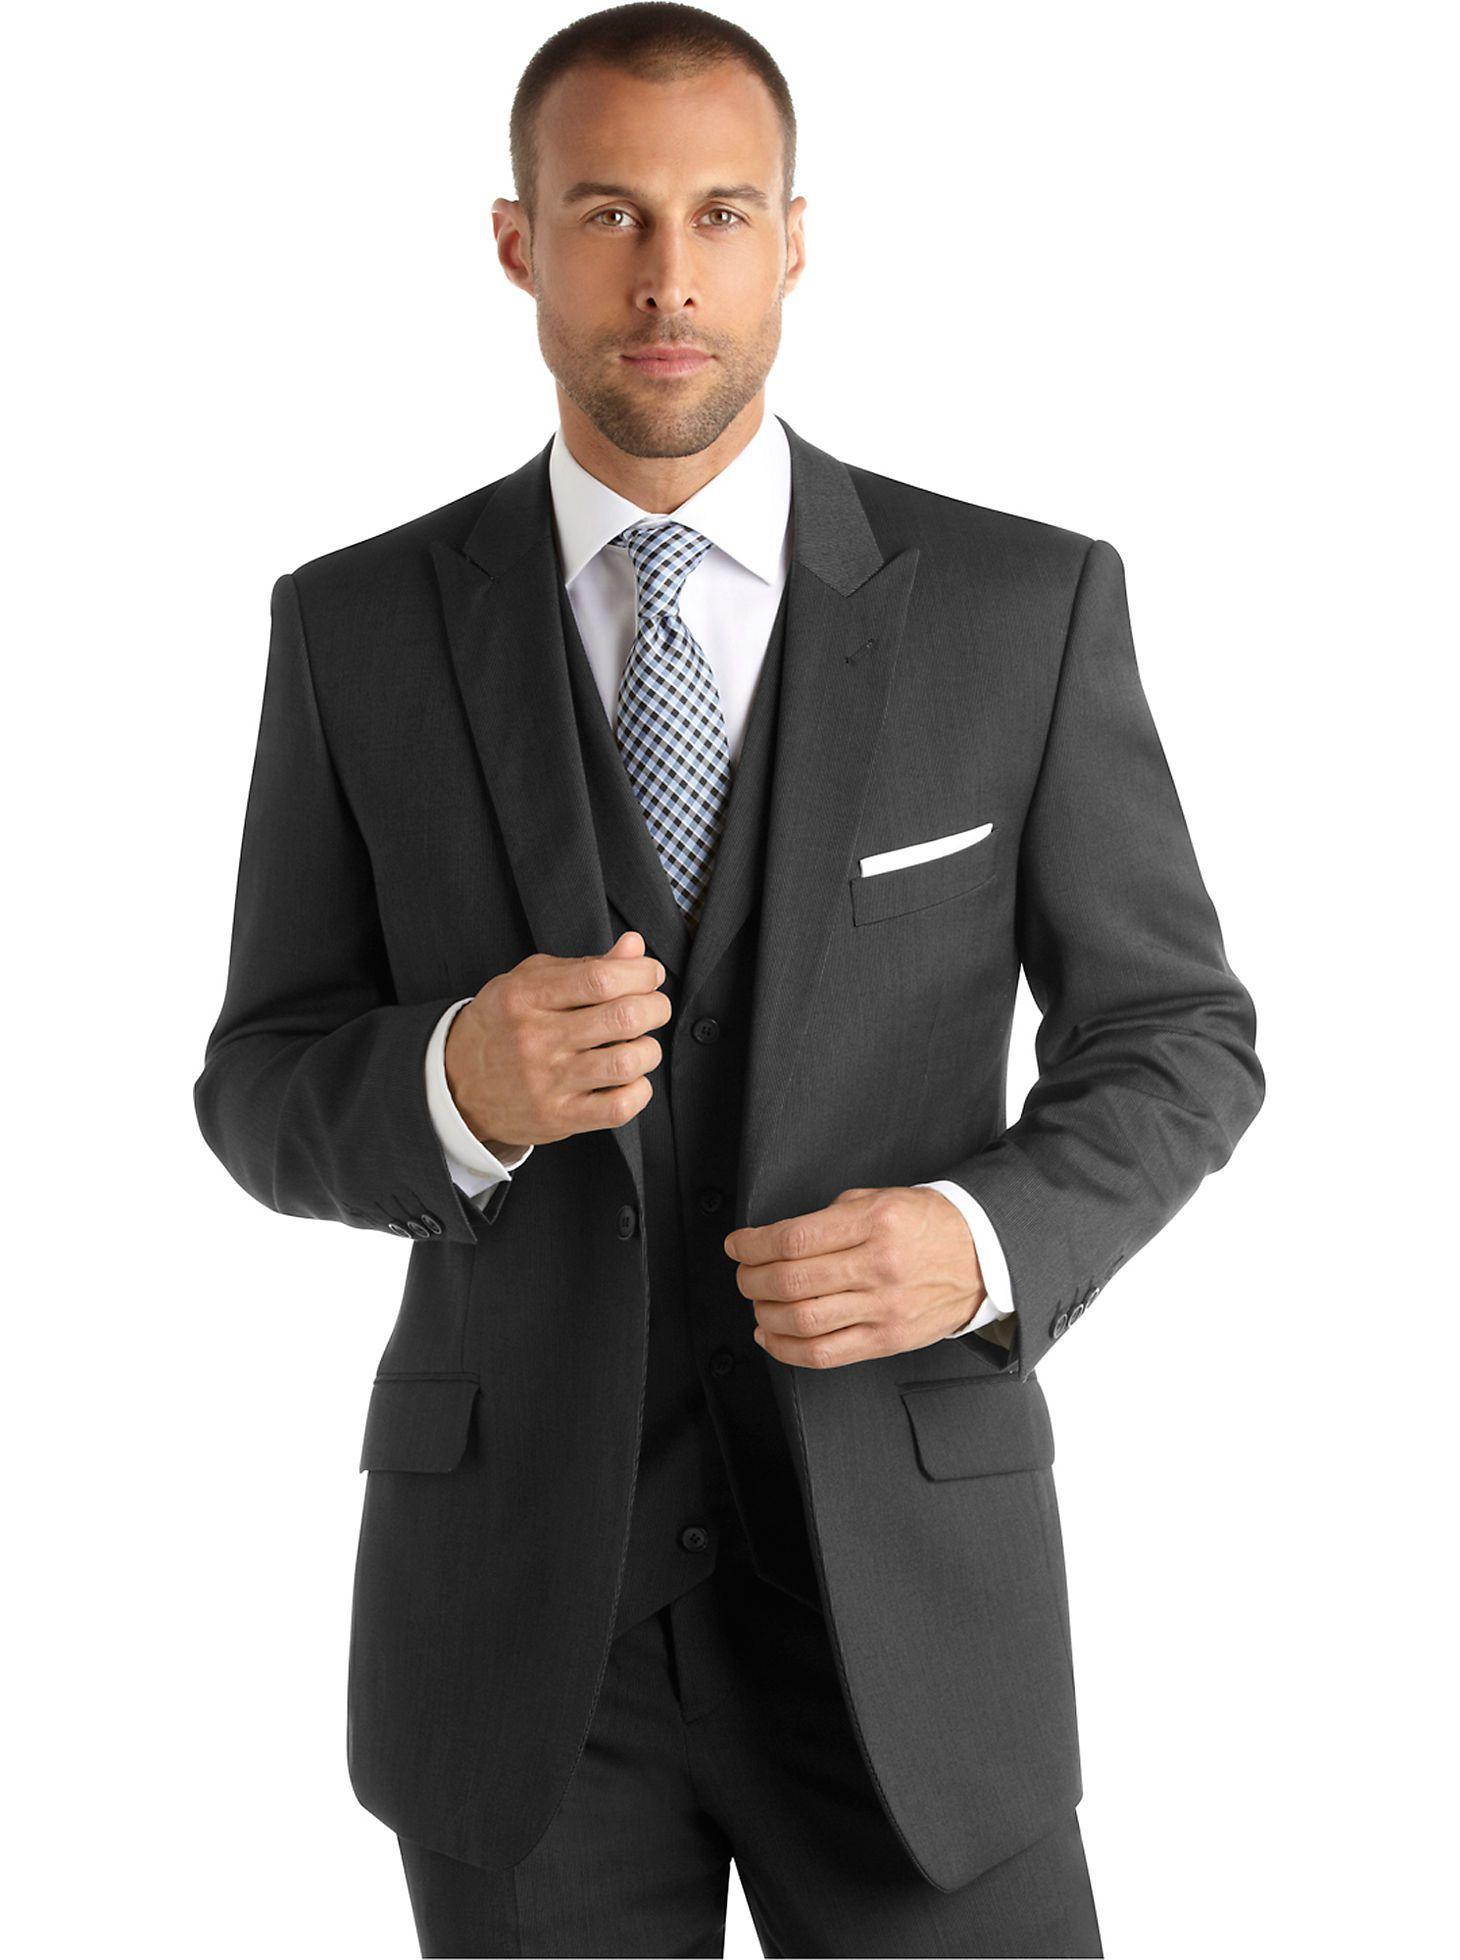 Suits u suit separates english laundry charcoal stripe vested suit